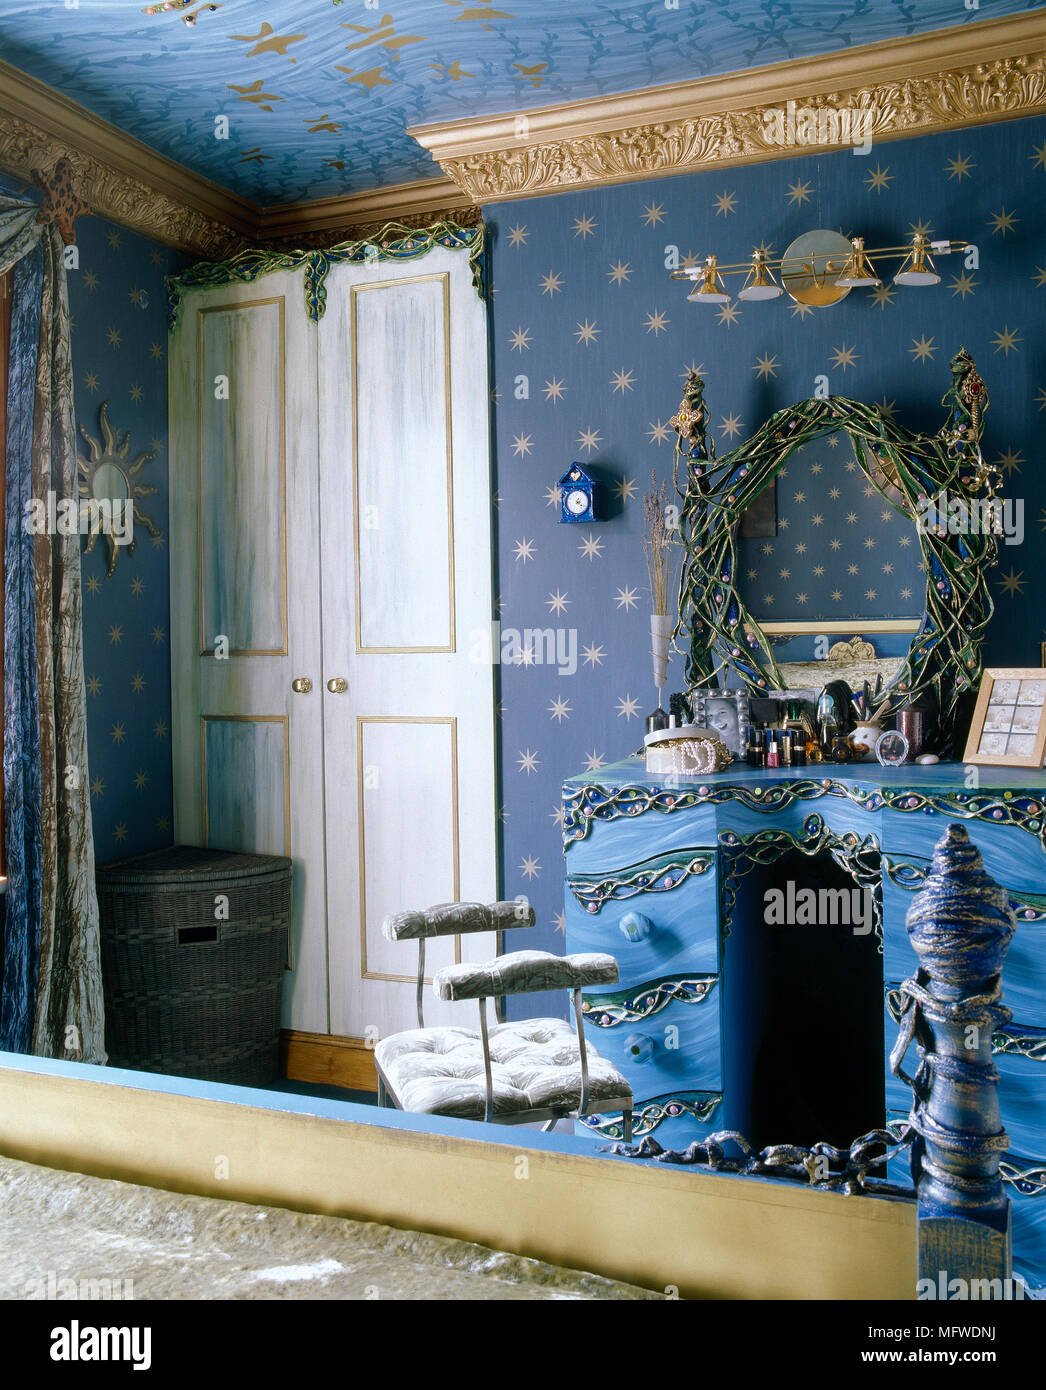 8c78f83a0cf Habitación Azul ornamentado con motivo de estrellas y papel tapiz pintado  de tocador